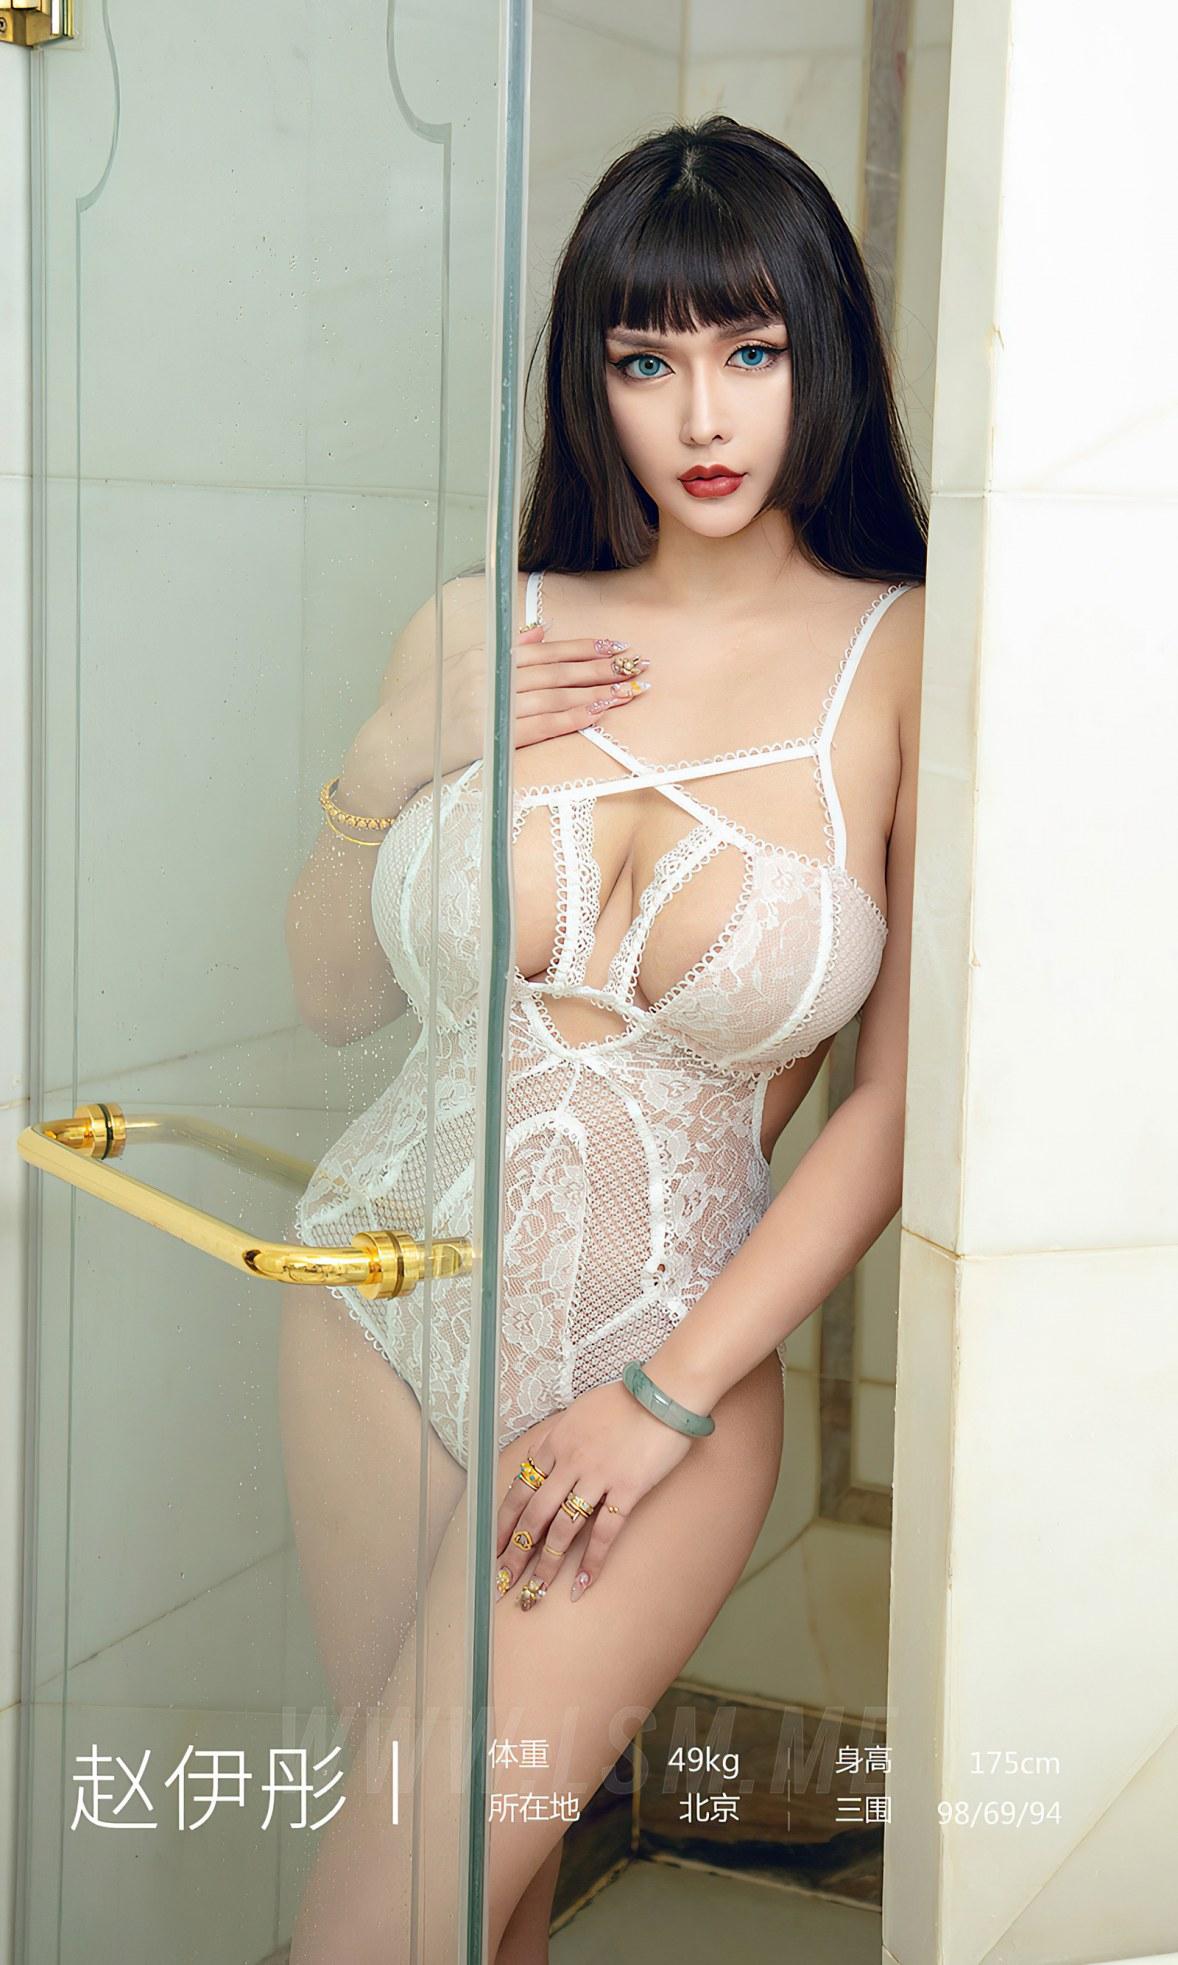 UGirls 爱尤物 No.1872 巨乳屏霸 赵伊彤浴火艳后 - 3